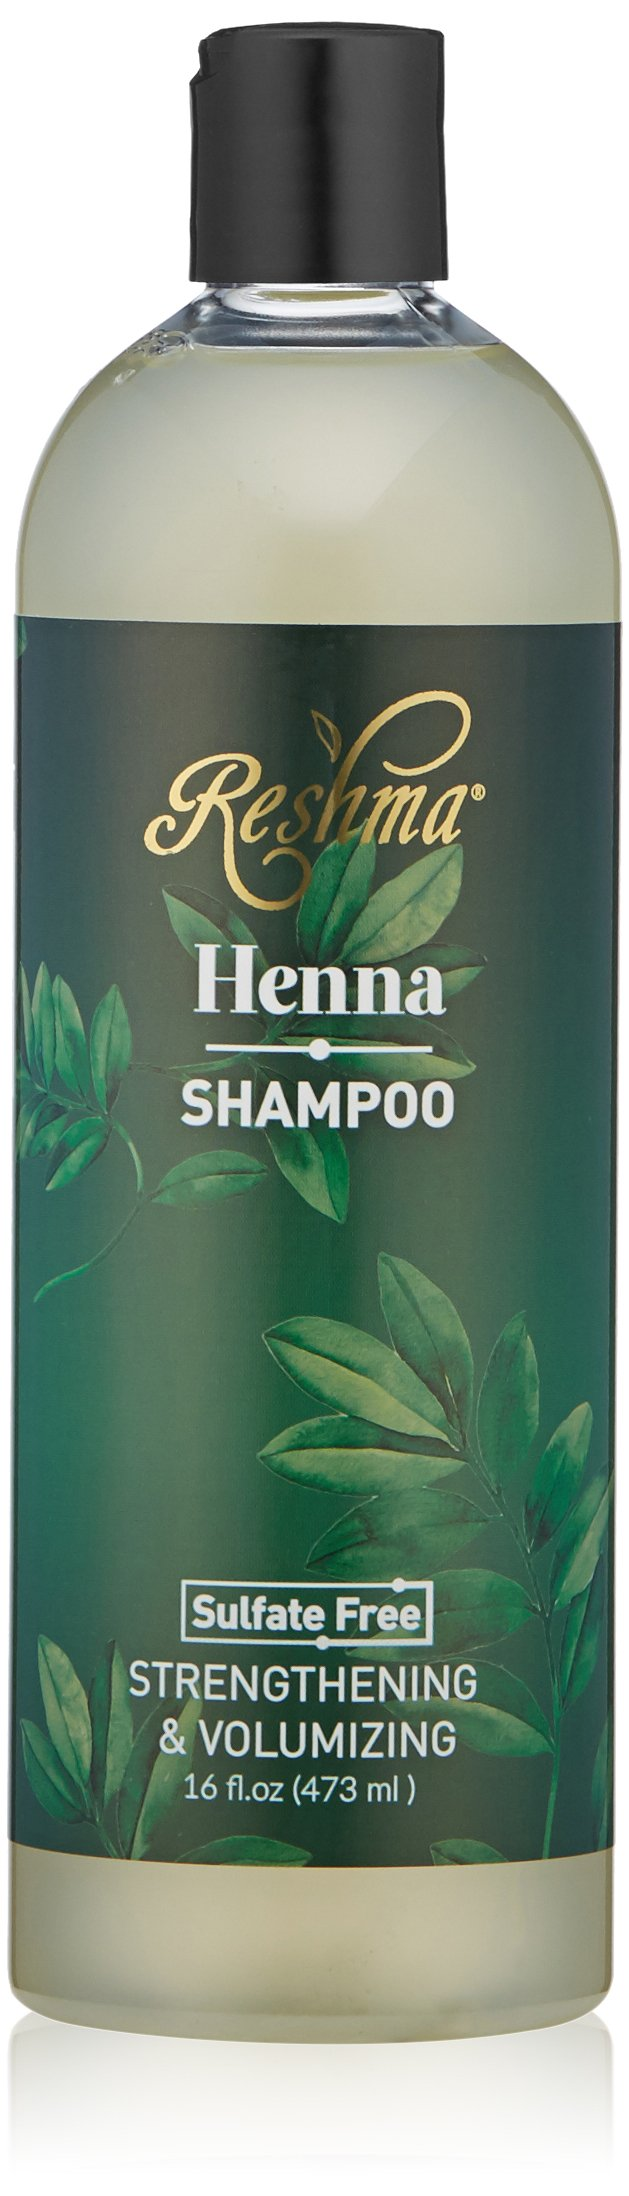 reshma beauty natural